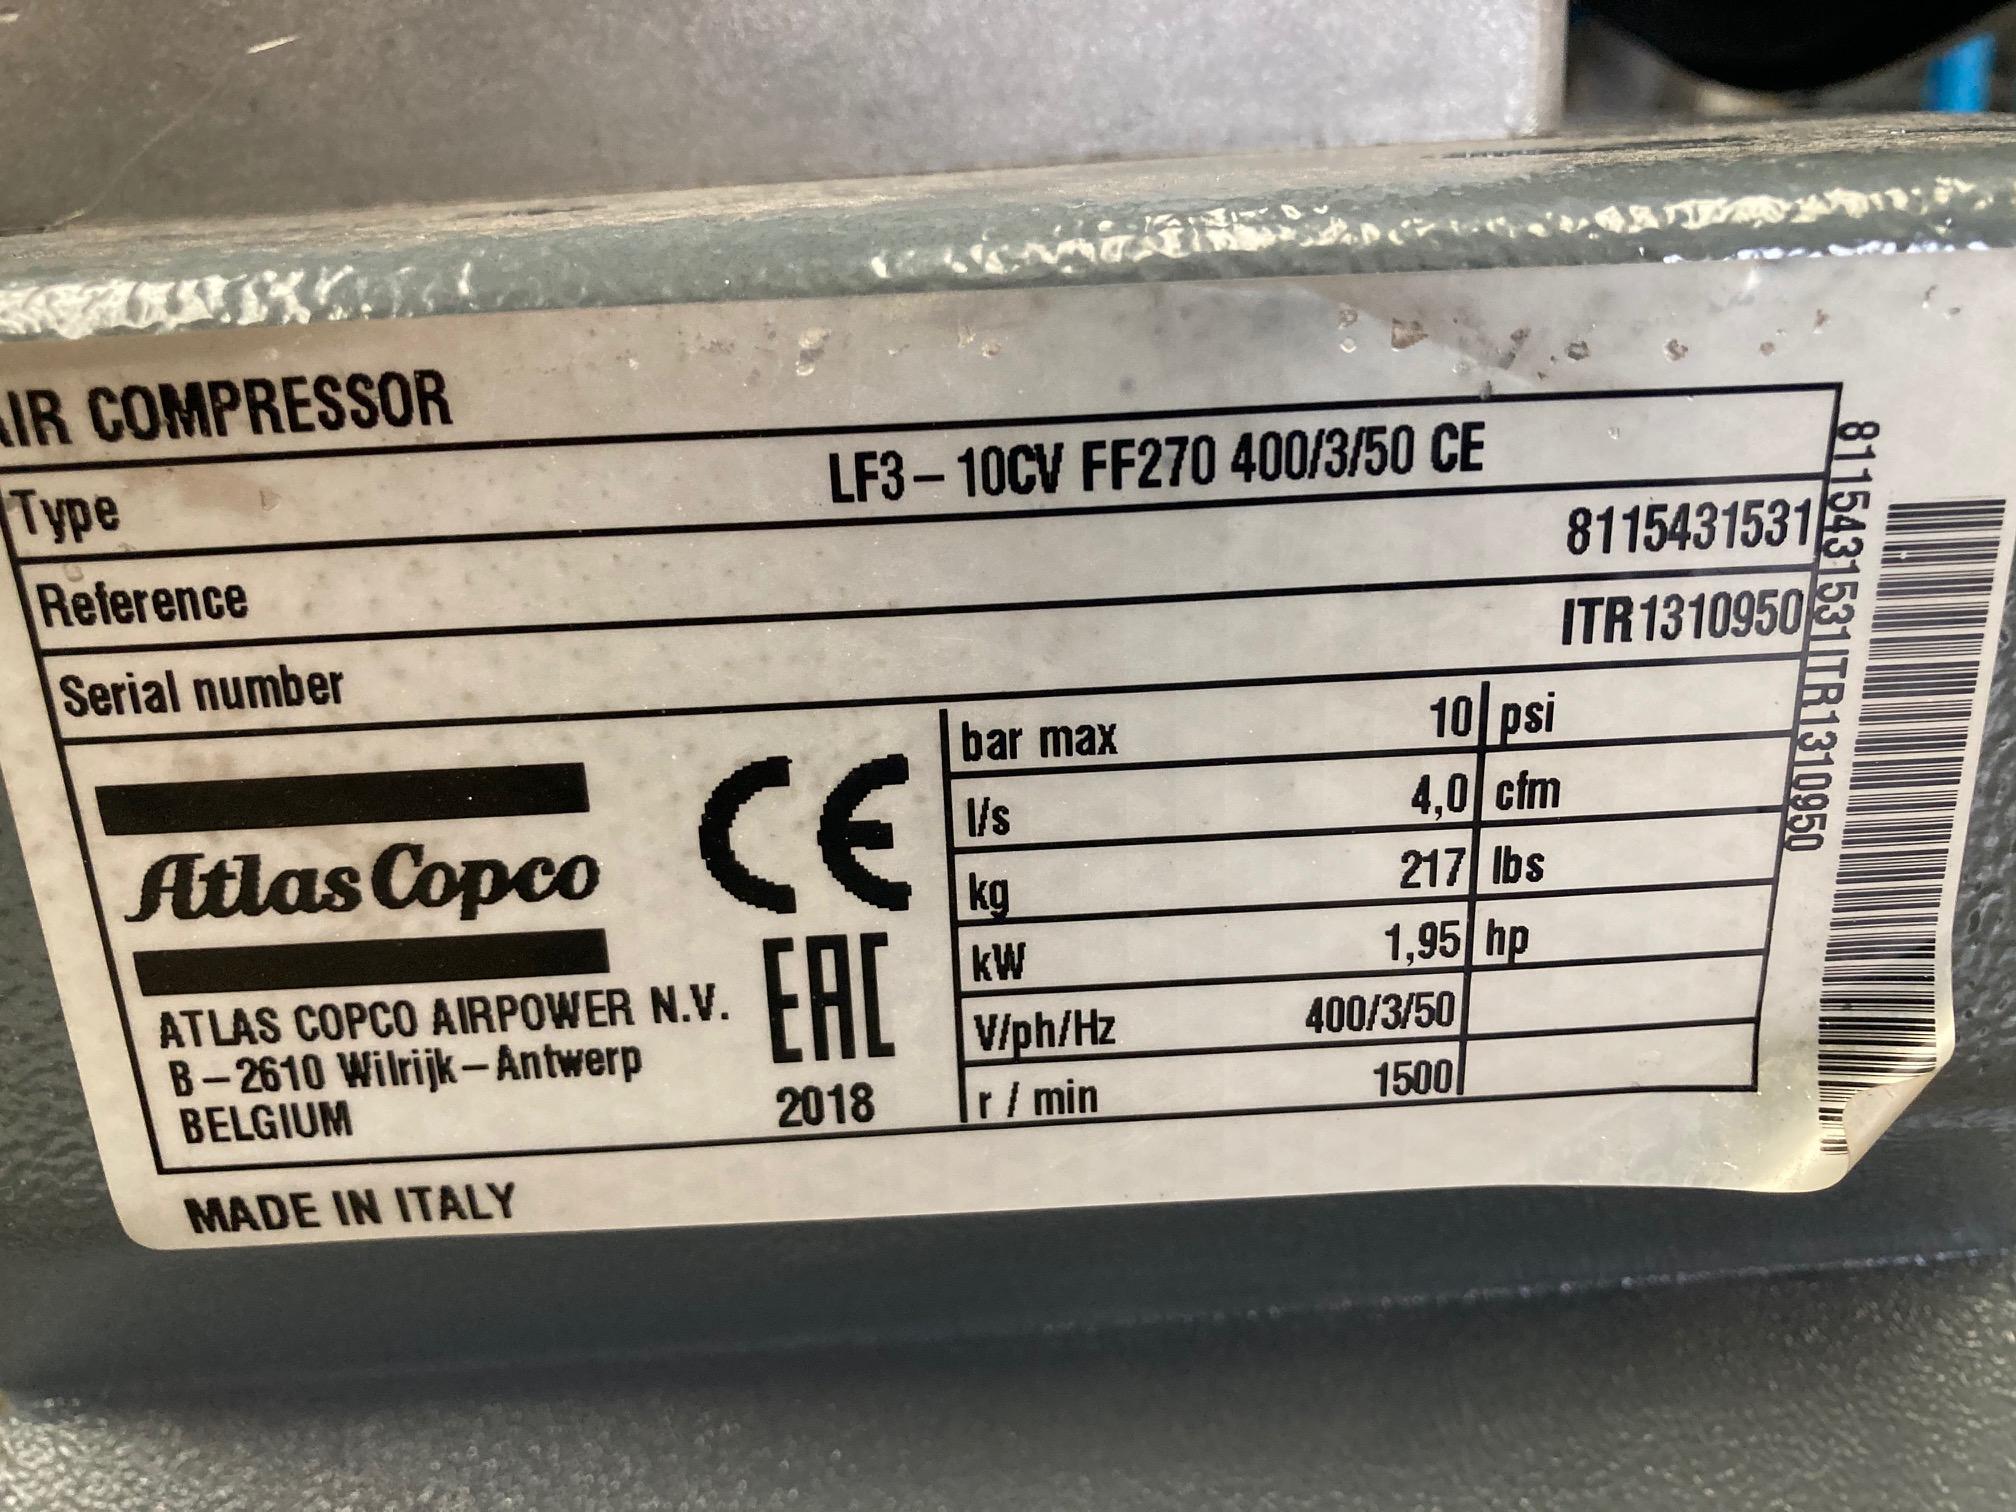 Atlas Copco LF3-10CV FF270